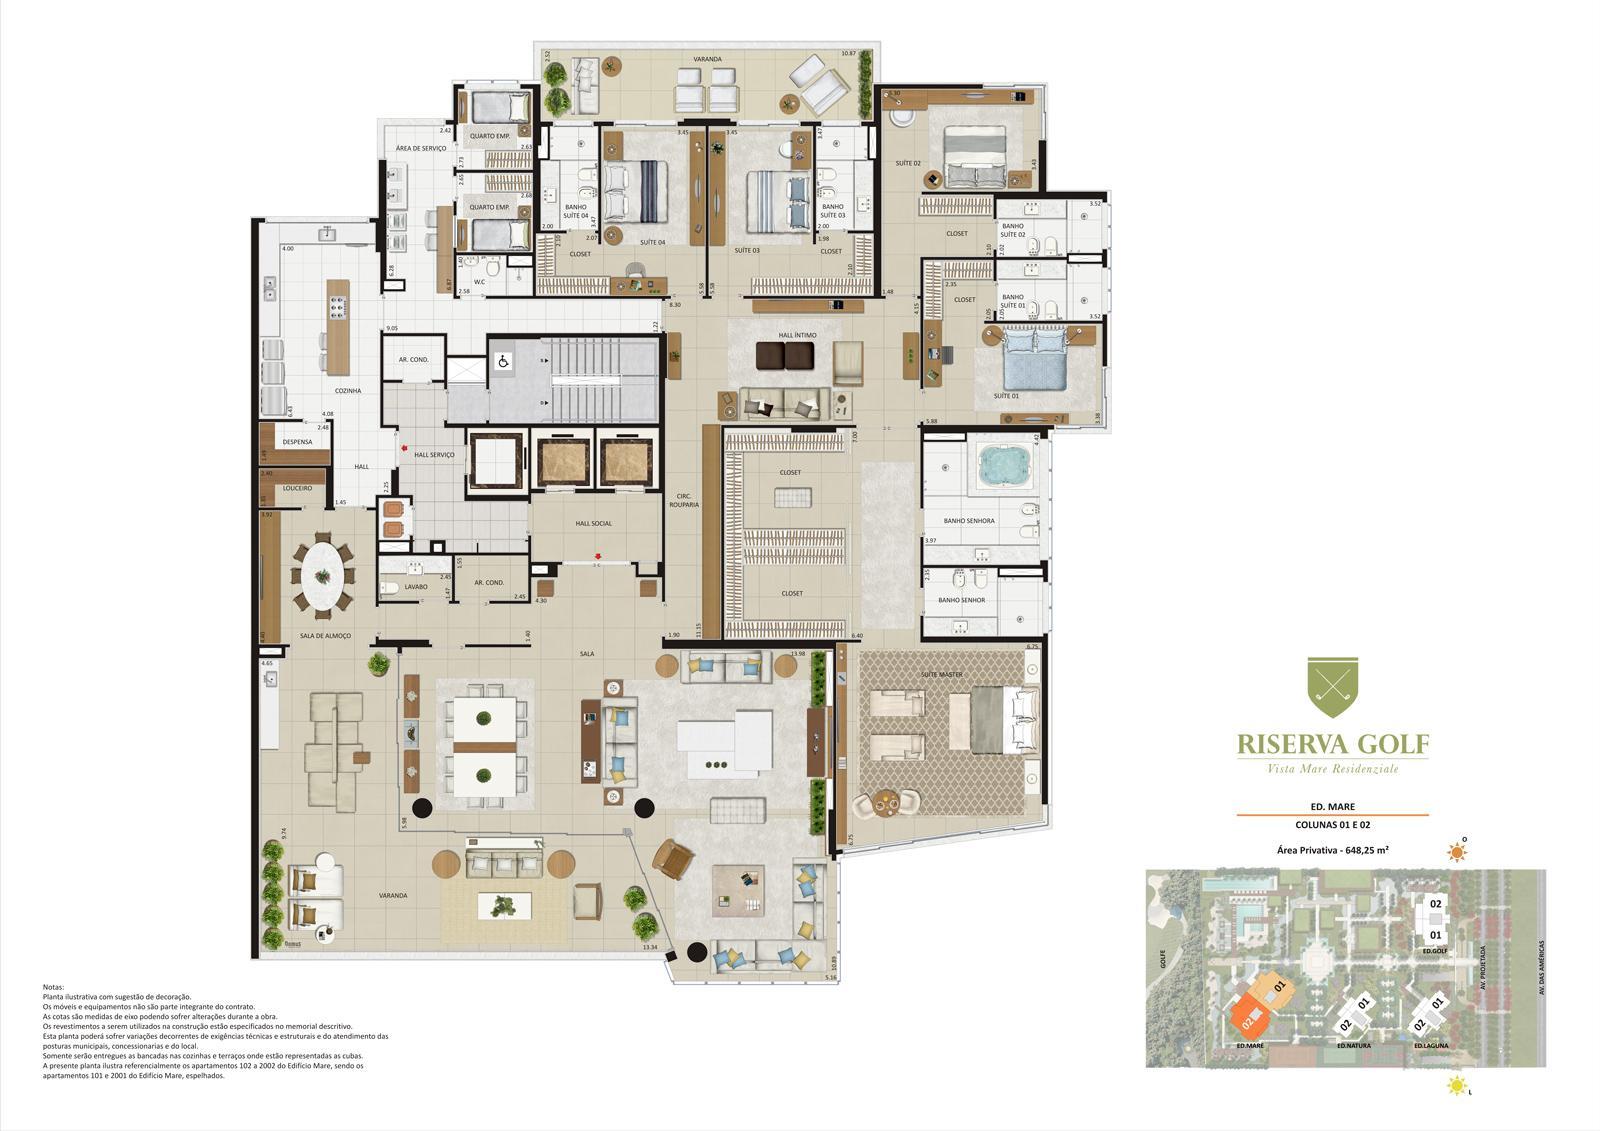 Edifício Mare - Colunas 1 e 2 Apartamentos de 648,25m² com 5 suítes | Riserva Golf Vista Mare Residenziale – Apartamento na  Barra da Tijuca - Rio de Janeiro - Rio de Janeiro